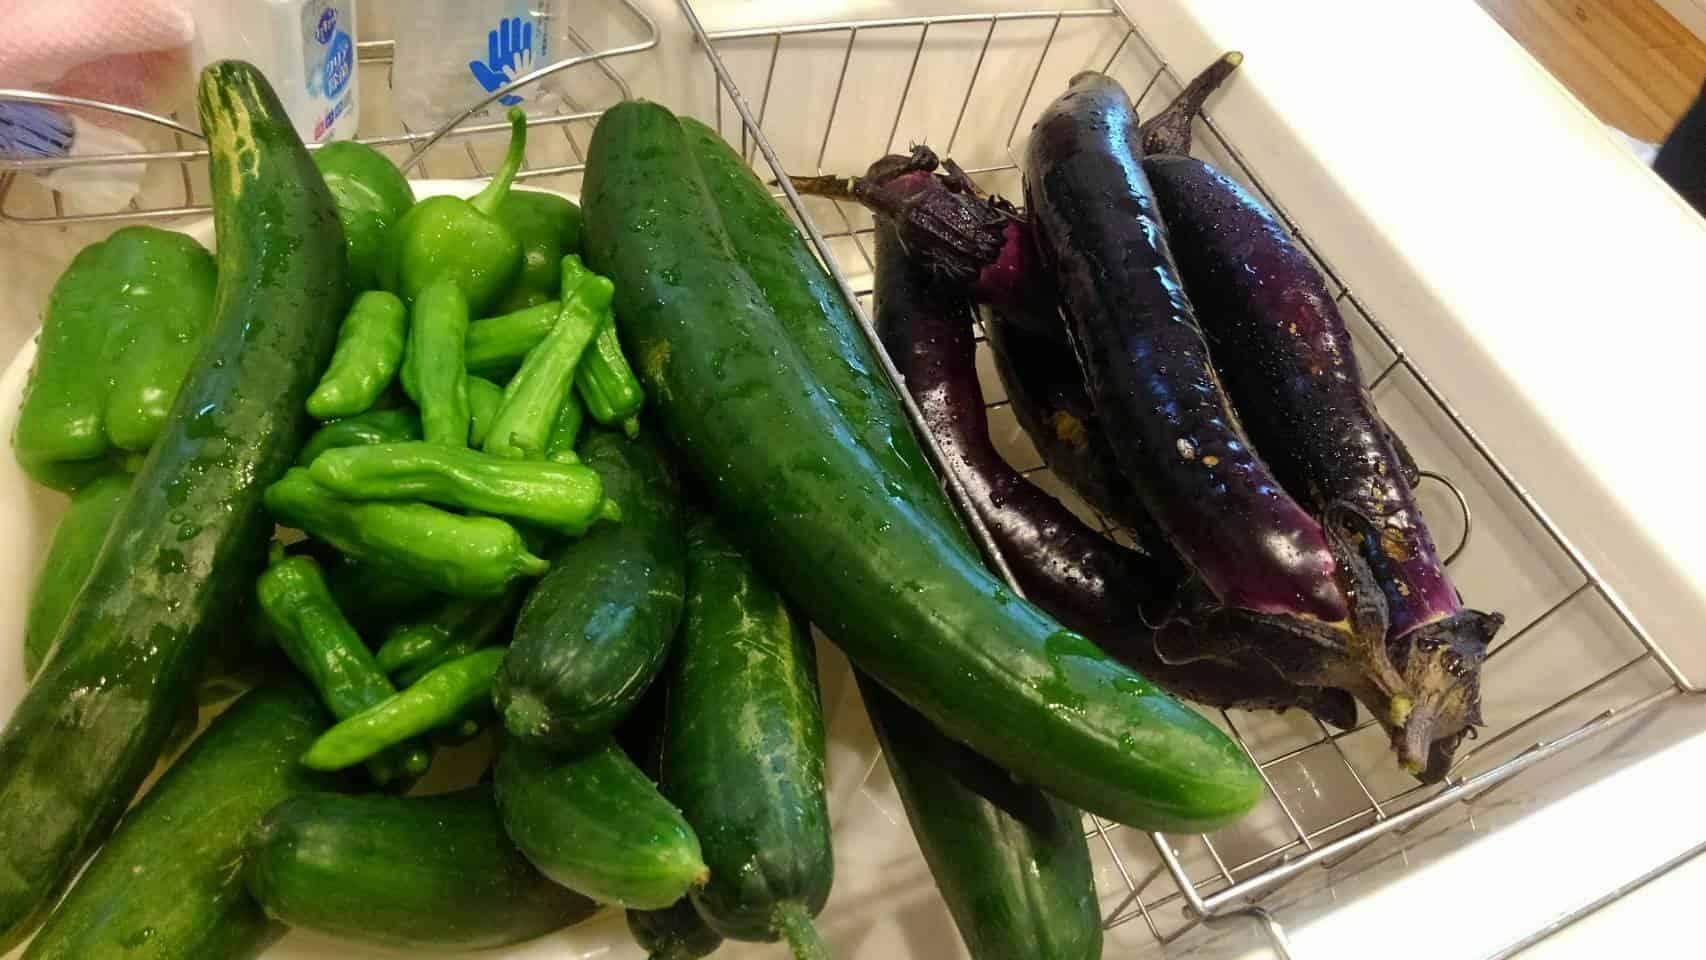 夏休み中もみんなでたくさん収穫してきましたー!